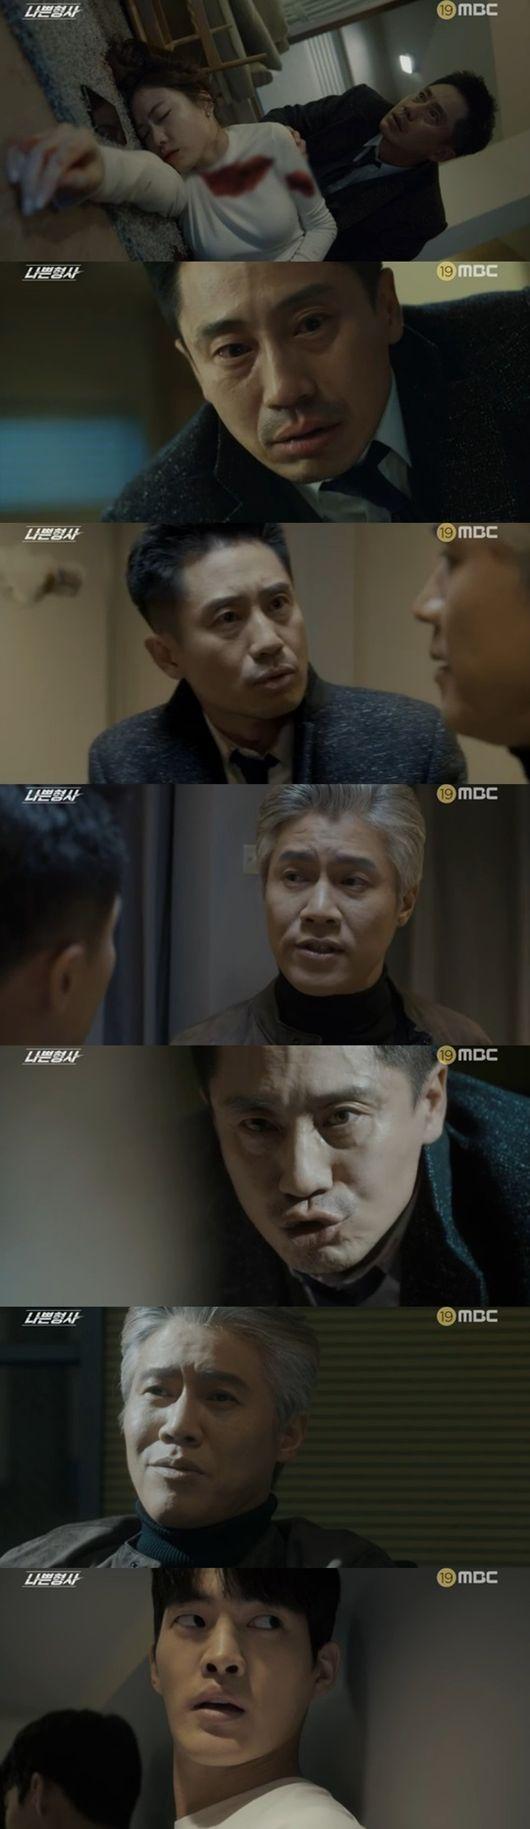 나쁜형사 신하균, 홍은희 살해범 됐다 지문 찍힌 칼 나왔다 [Oh!쎈 리뷰]